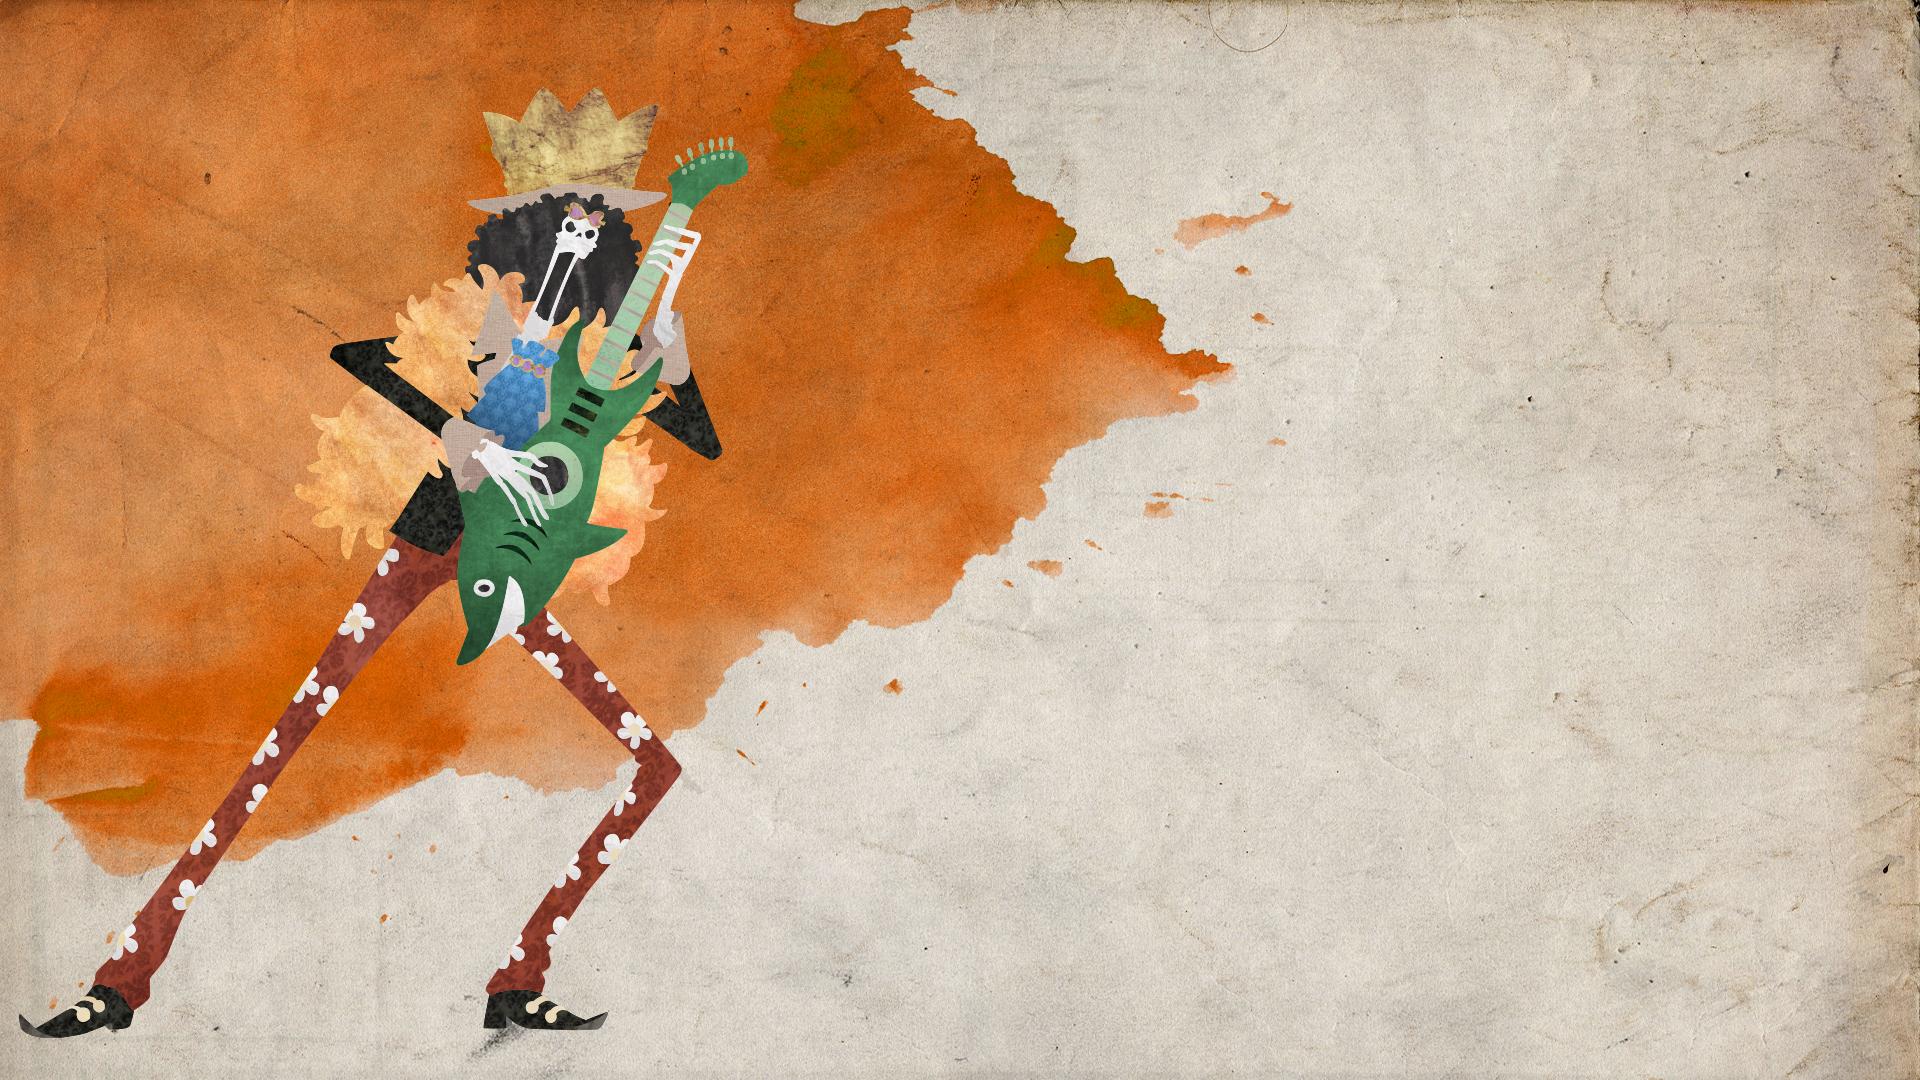 Anime One Piece 1920x1080